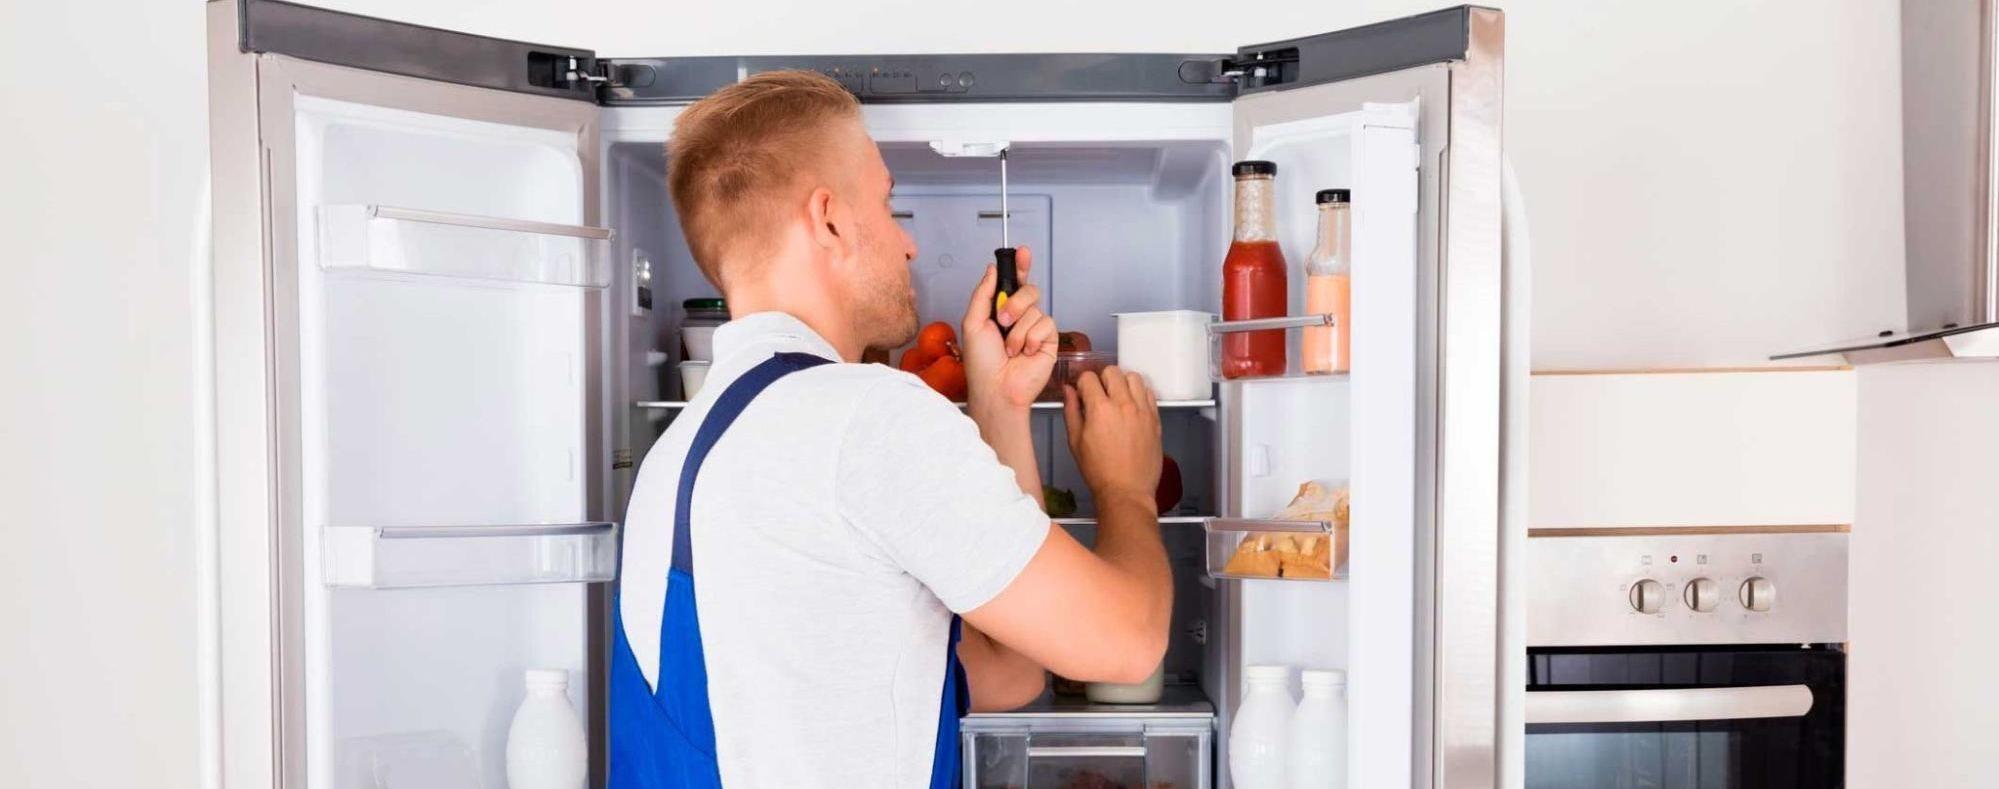 Як відстрочити ремонт холодильника: 5 практичних порад